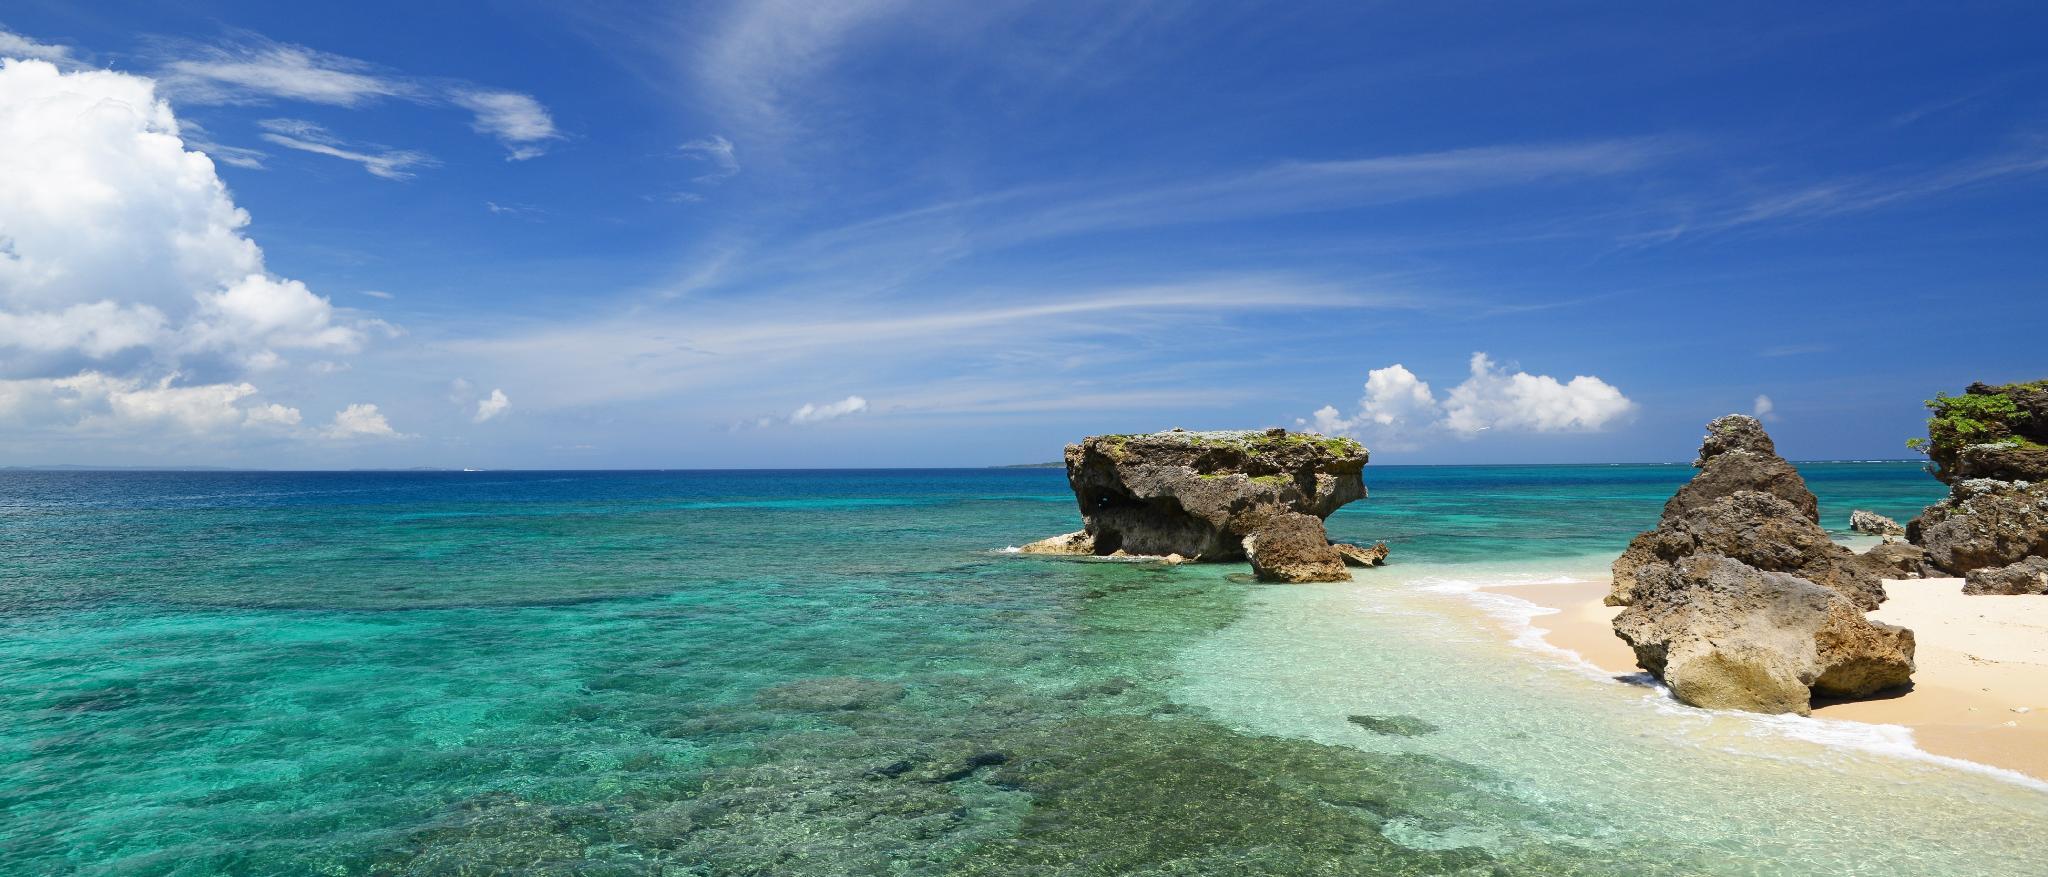 2016 香 大码在日本, 沖绳的酒店订房选择共461家2016 大嘴猴 帆布包